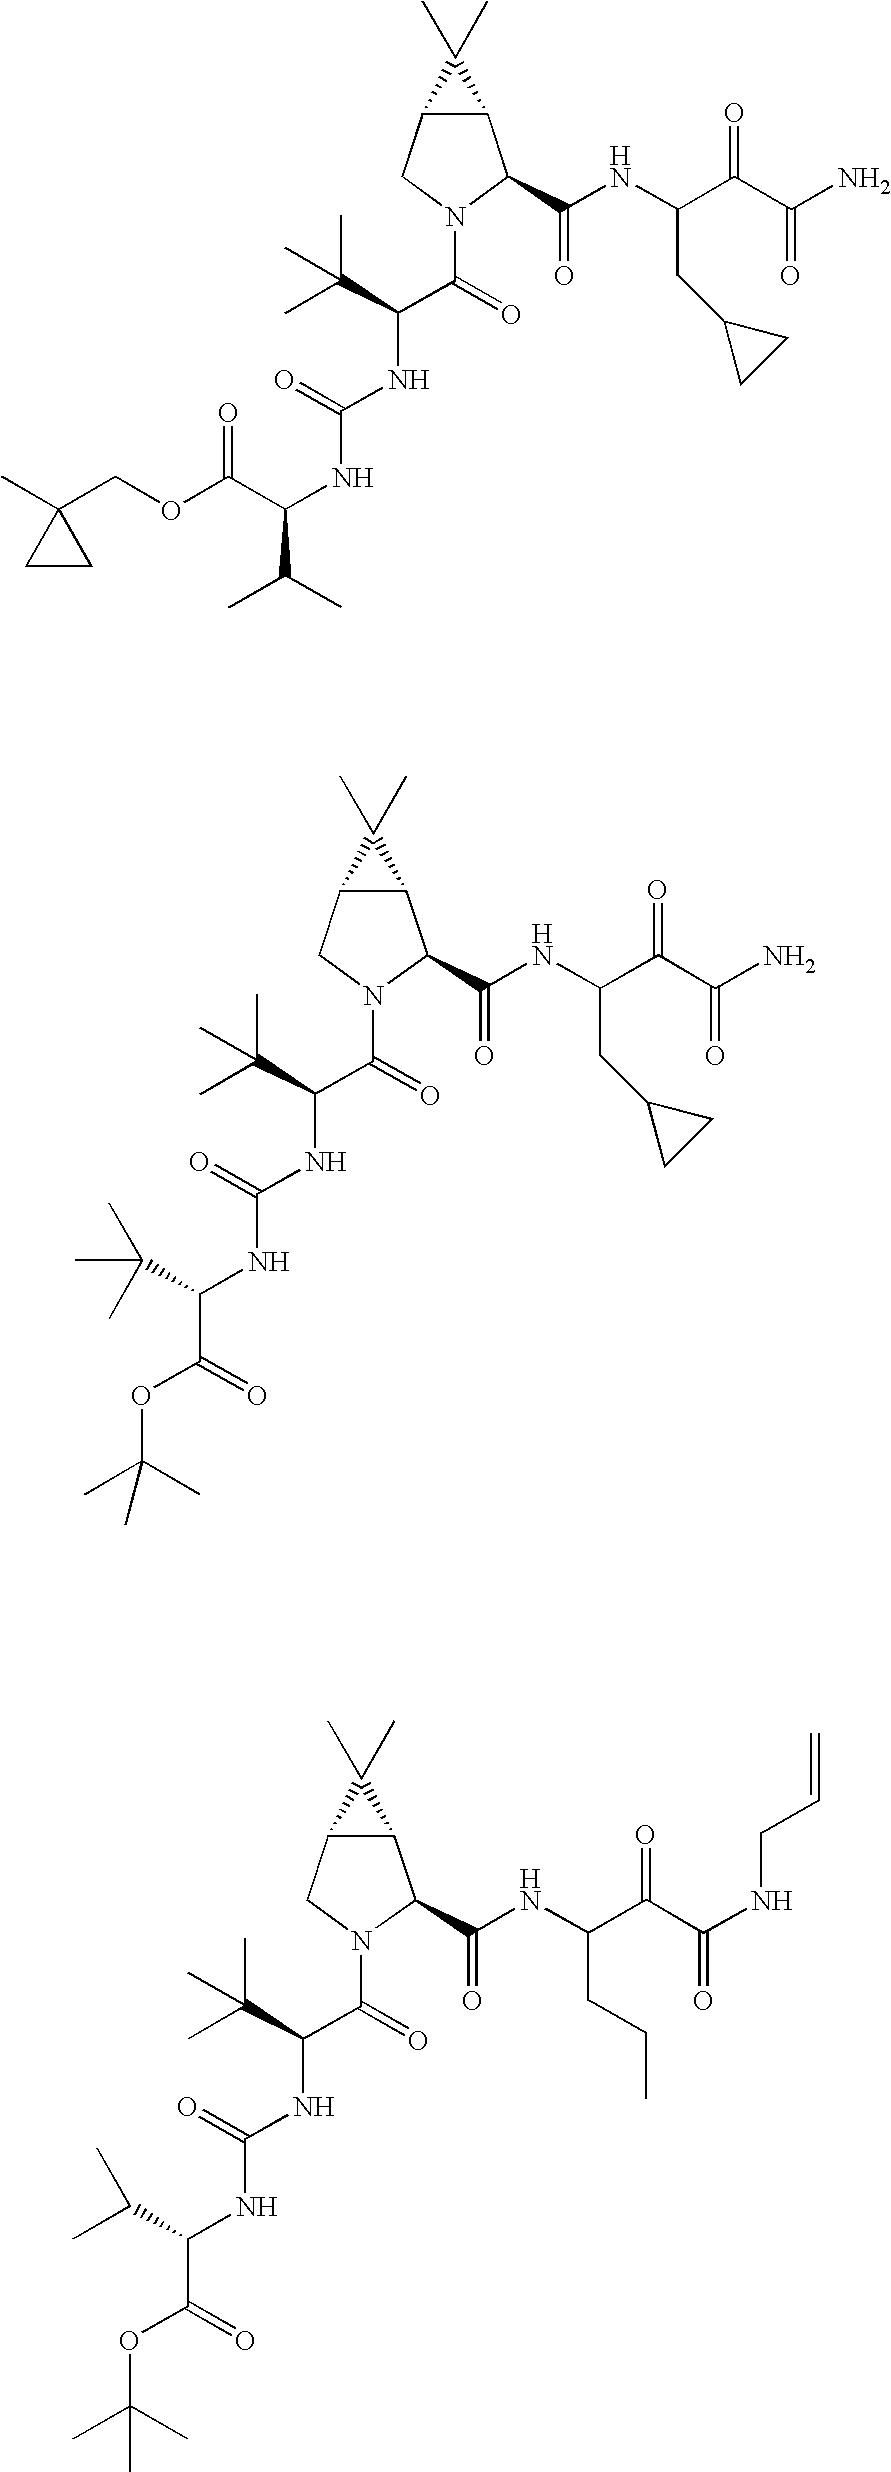 Figure US20060287248A1-20061221-C00268